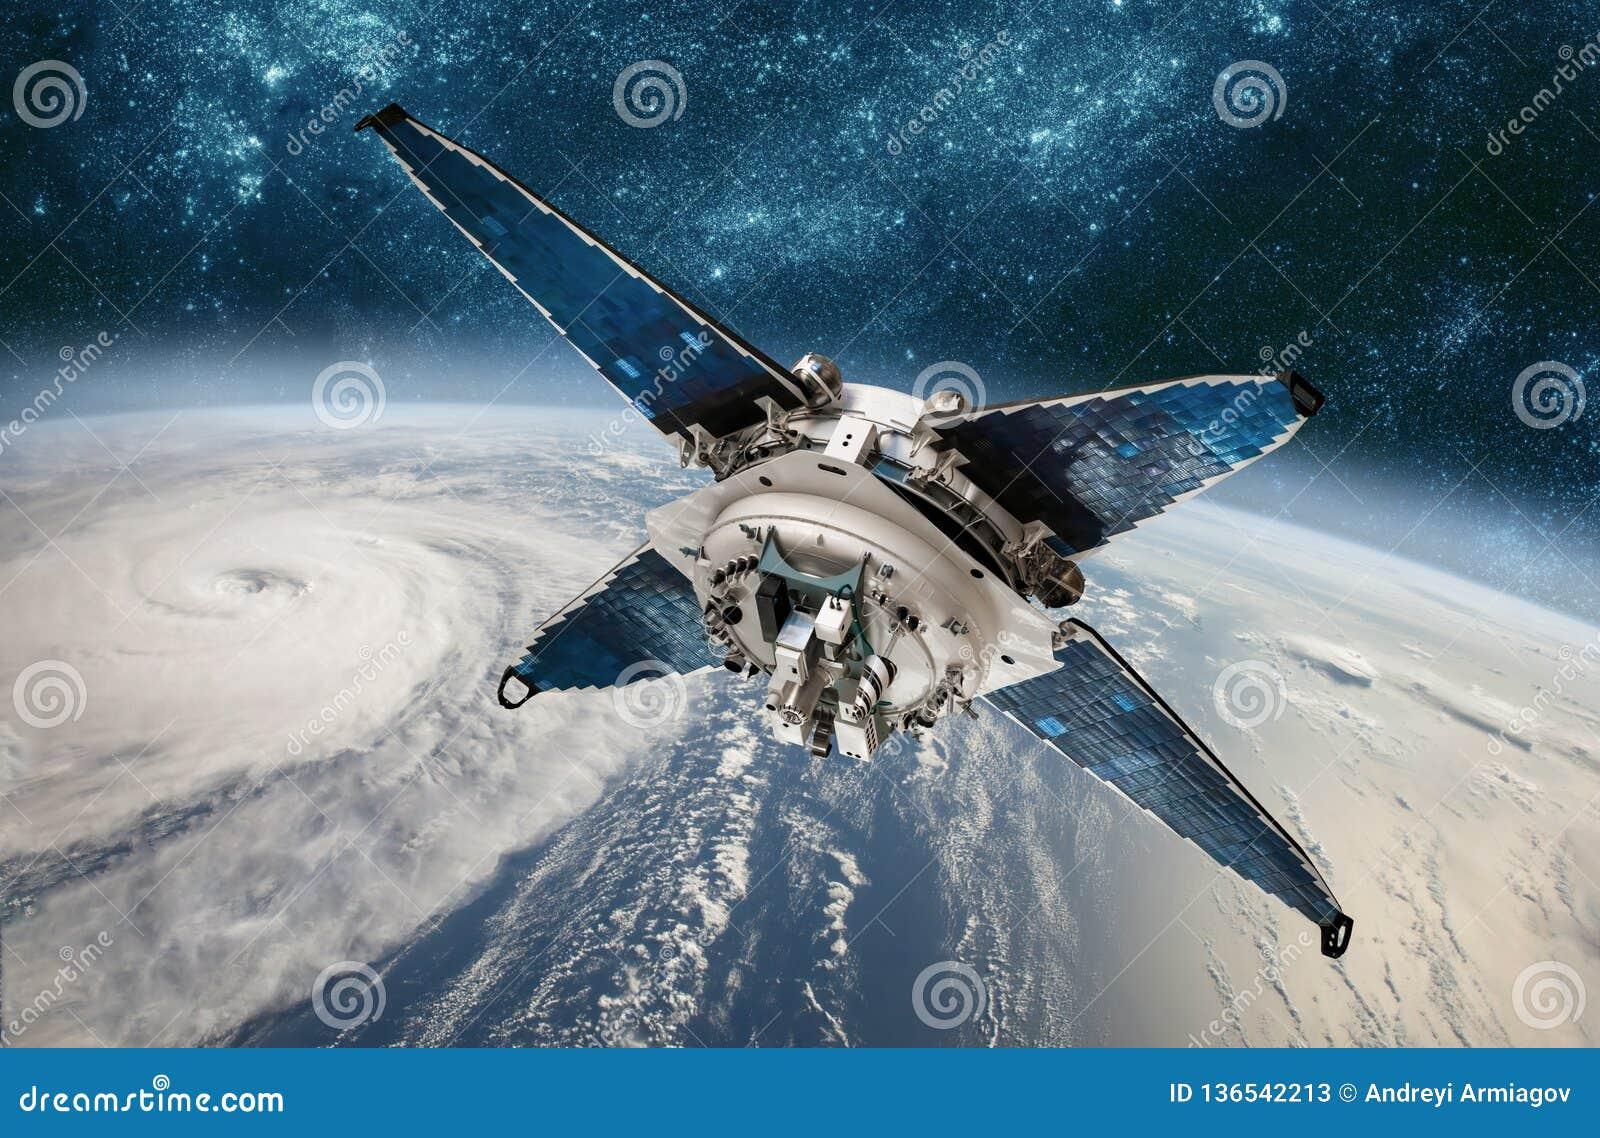 Контроль космоса спутниковый от погоды земной орбиты от космоса, урагана, тайфуна на земле планеты